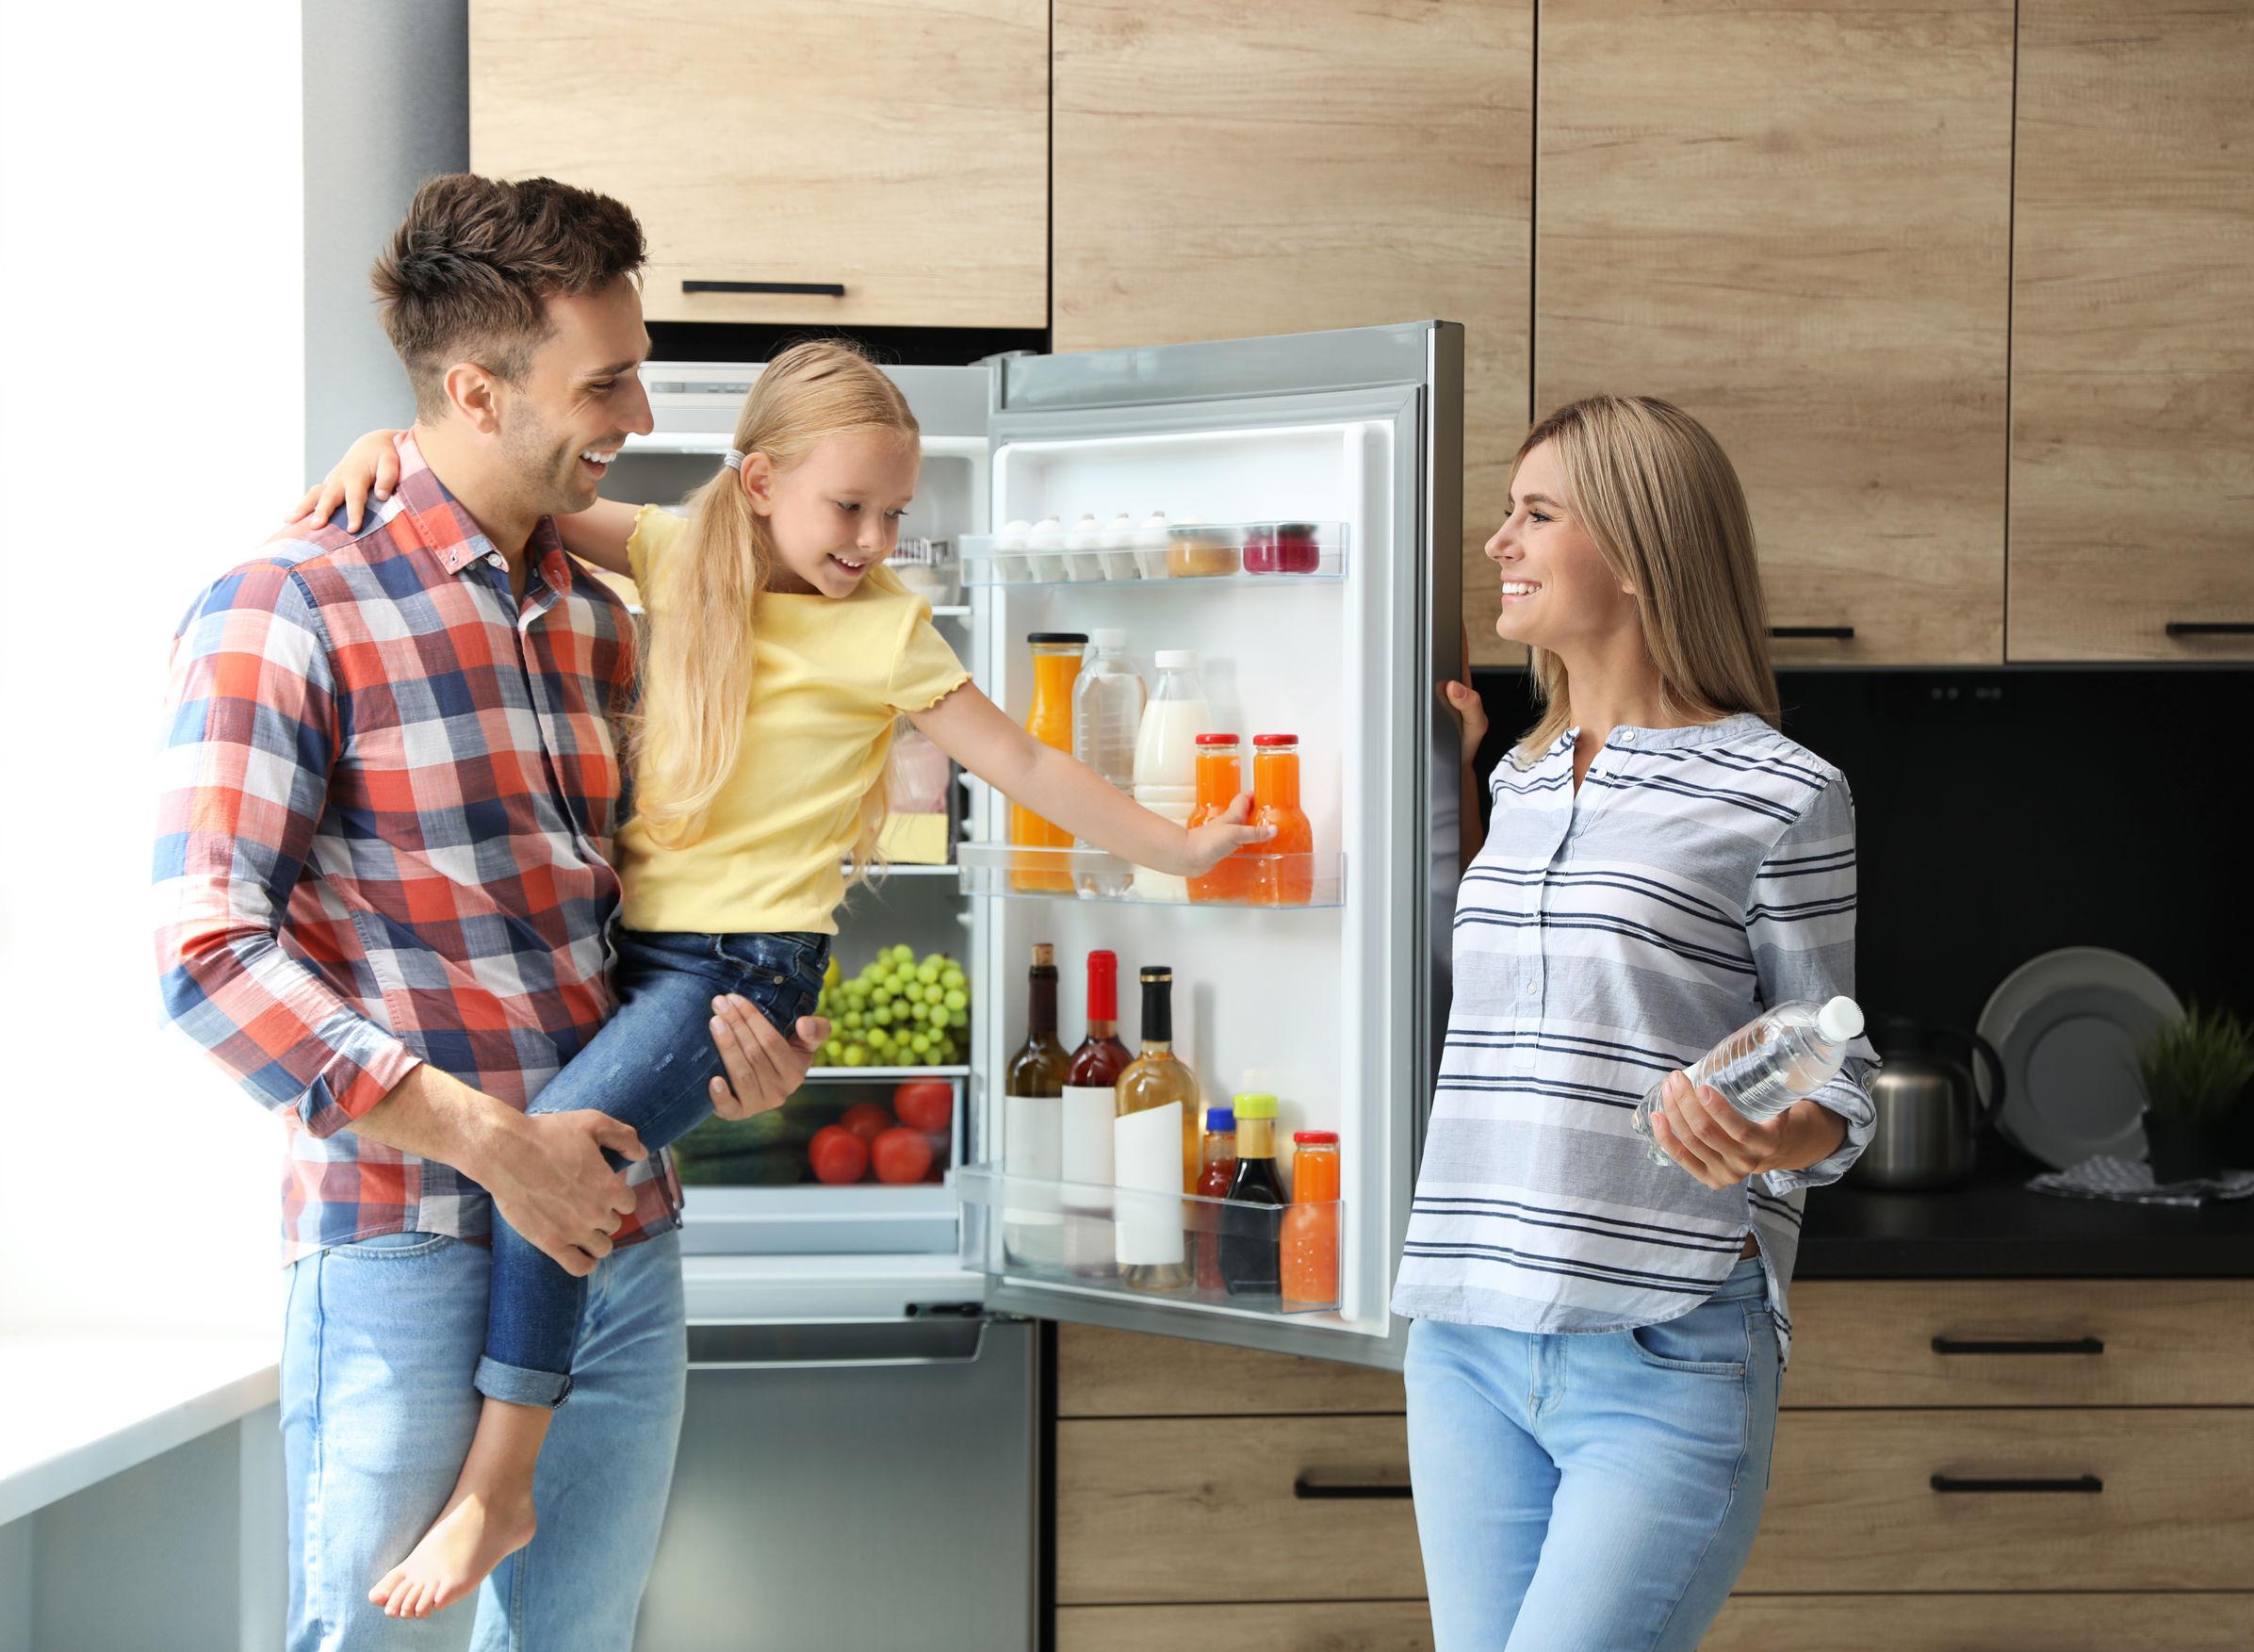 Família feliz em frente a uma geladeira aberta cheia de comida.